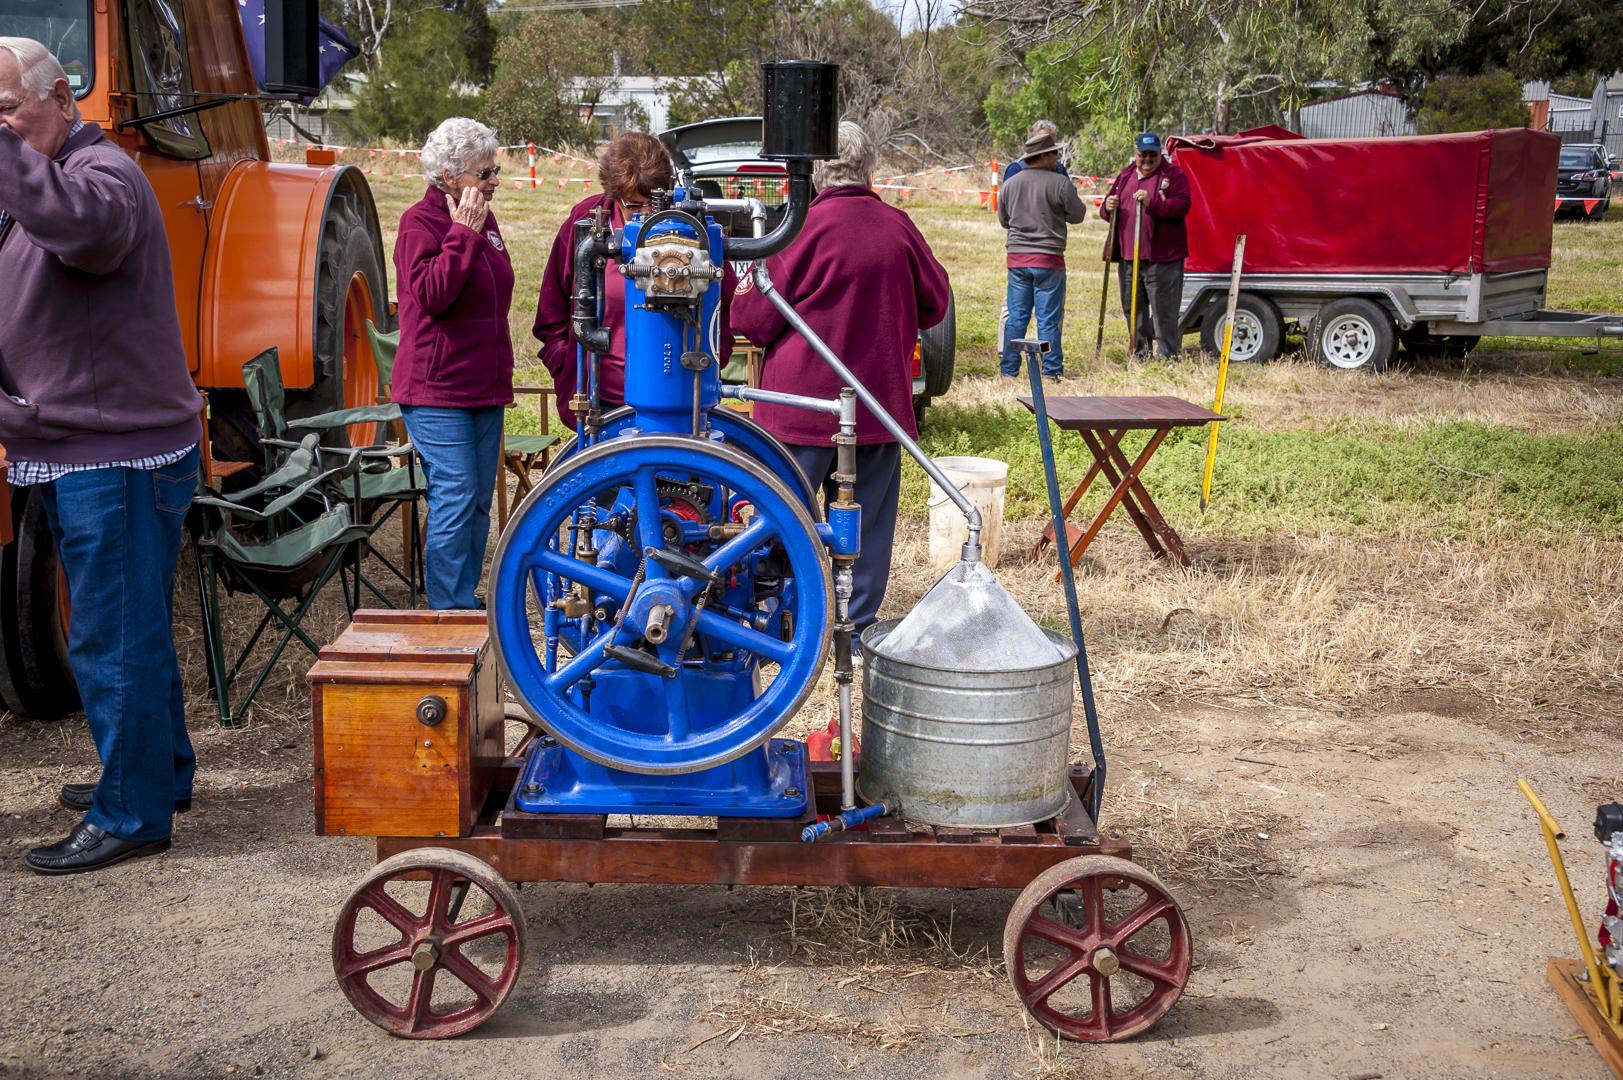 Vintage machine 1